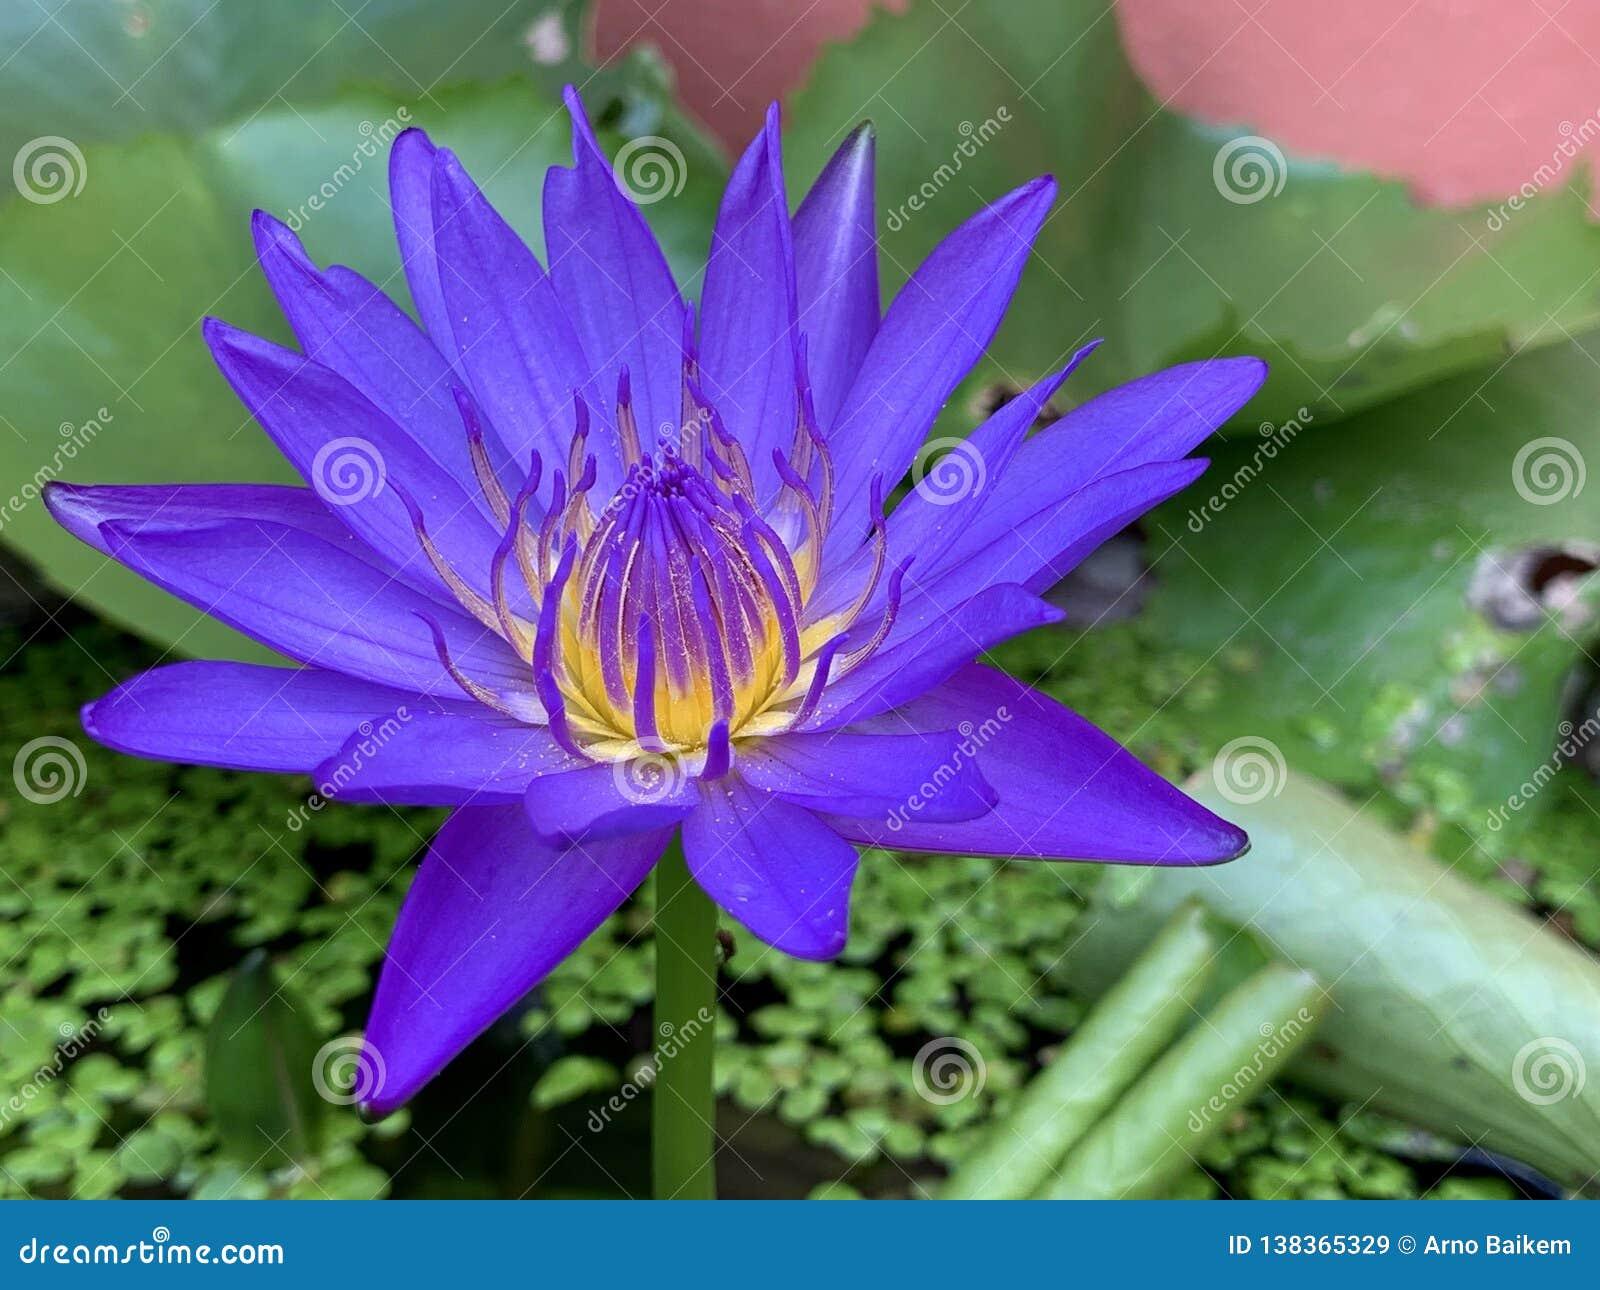 Les fleurs de Lotus fleurissent ( très beau ; une image ou un macro) en gros plan ;